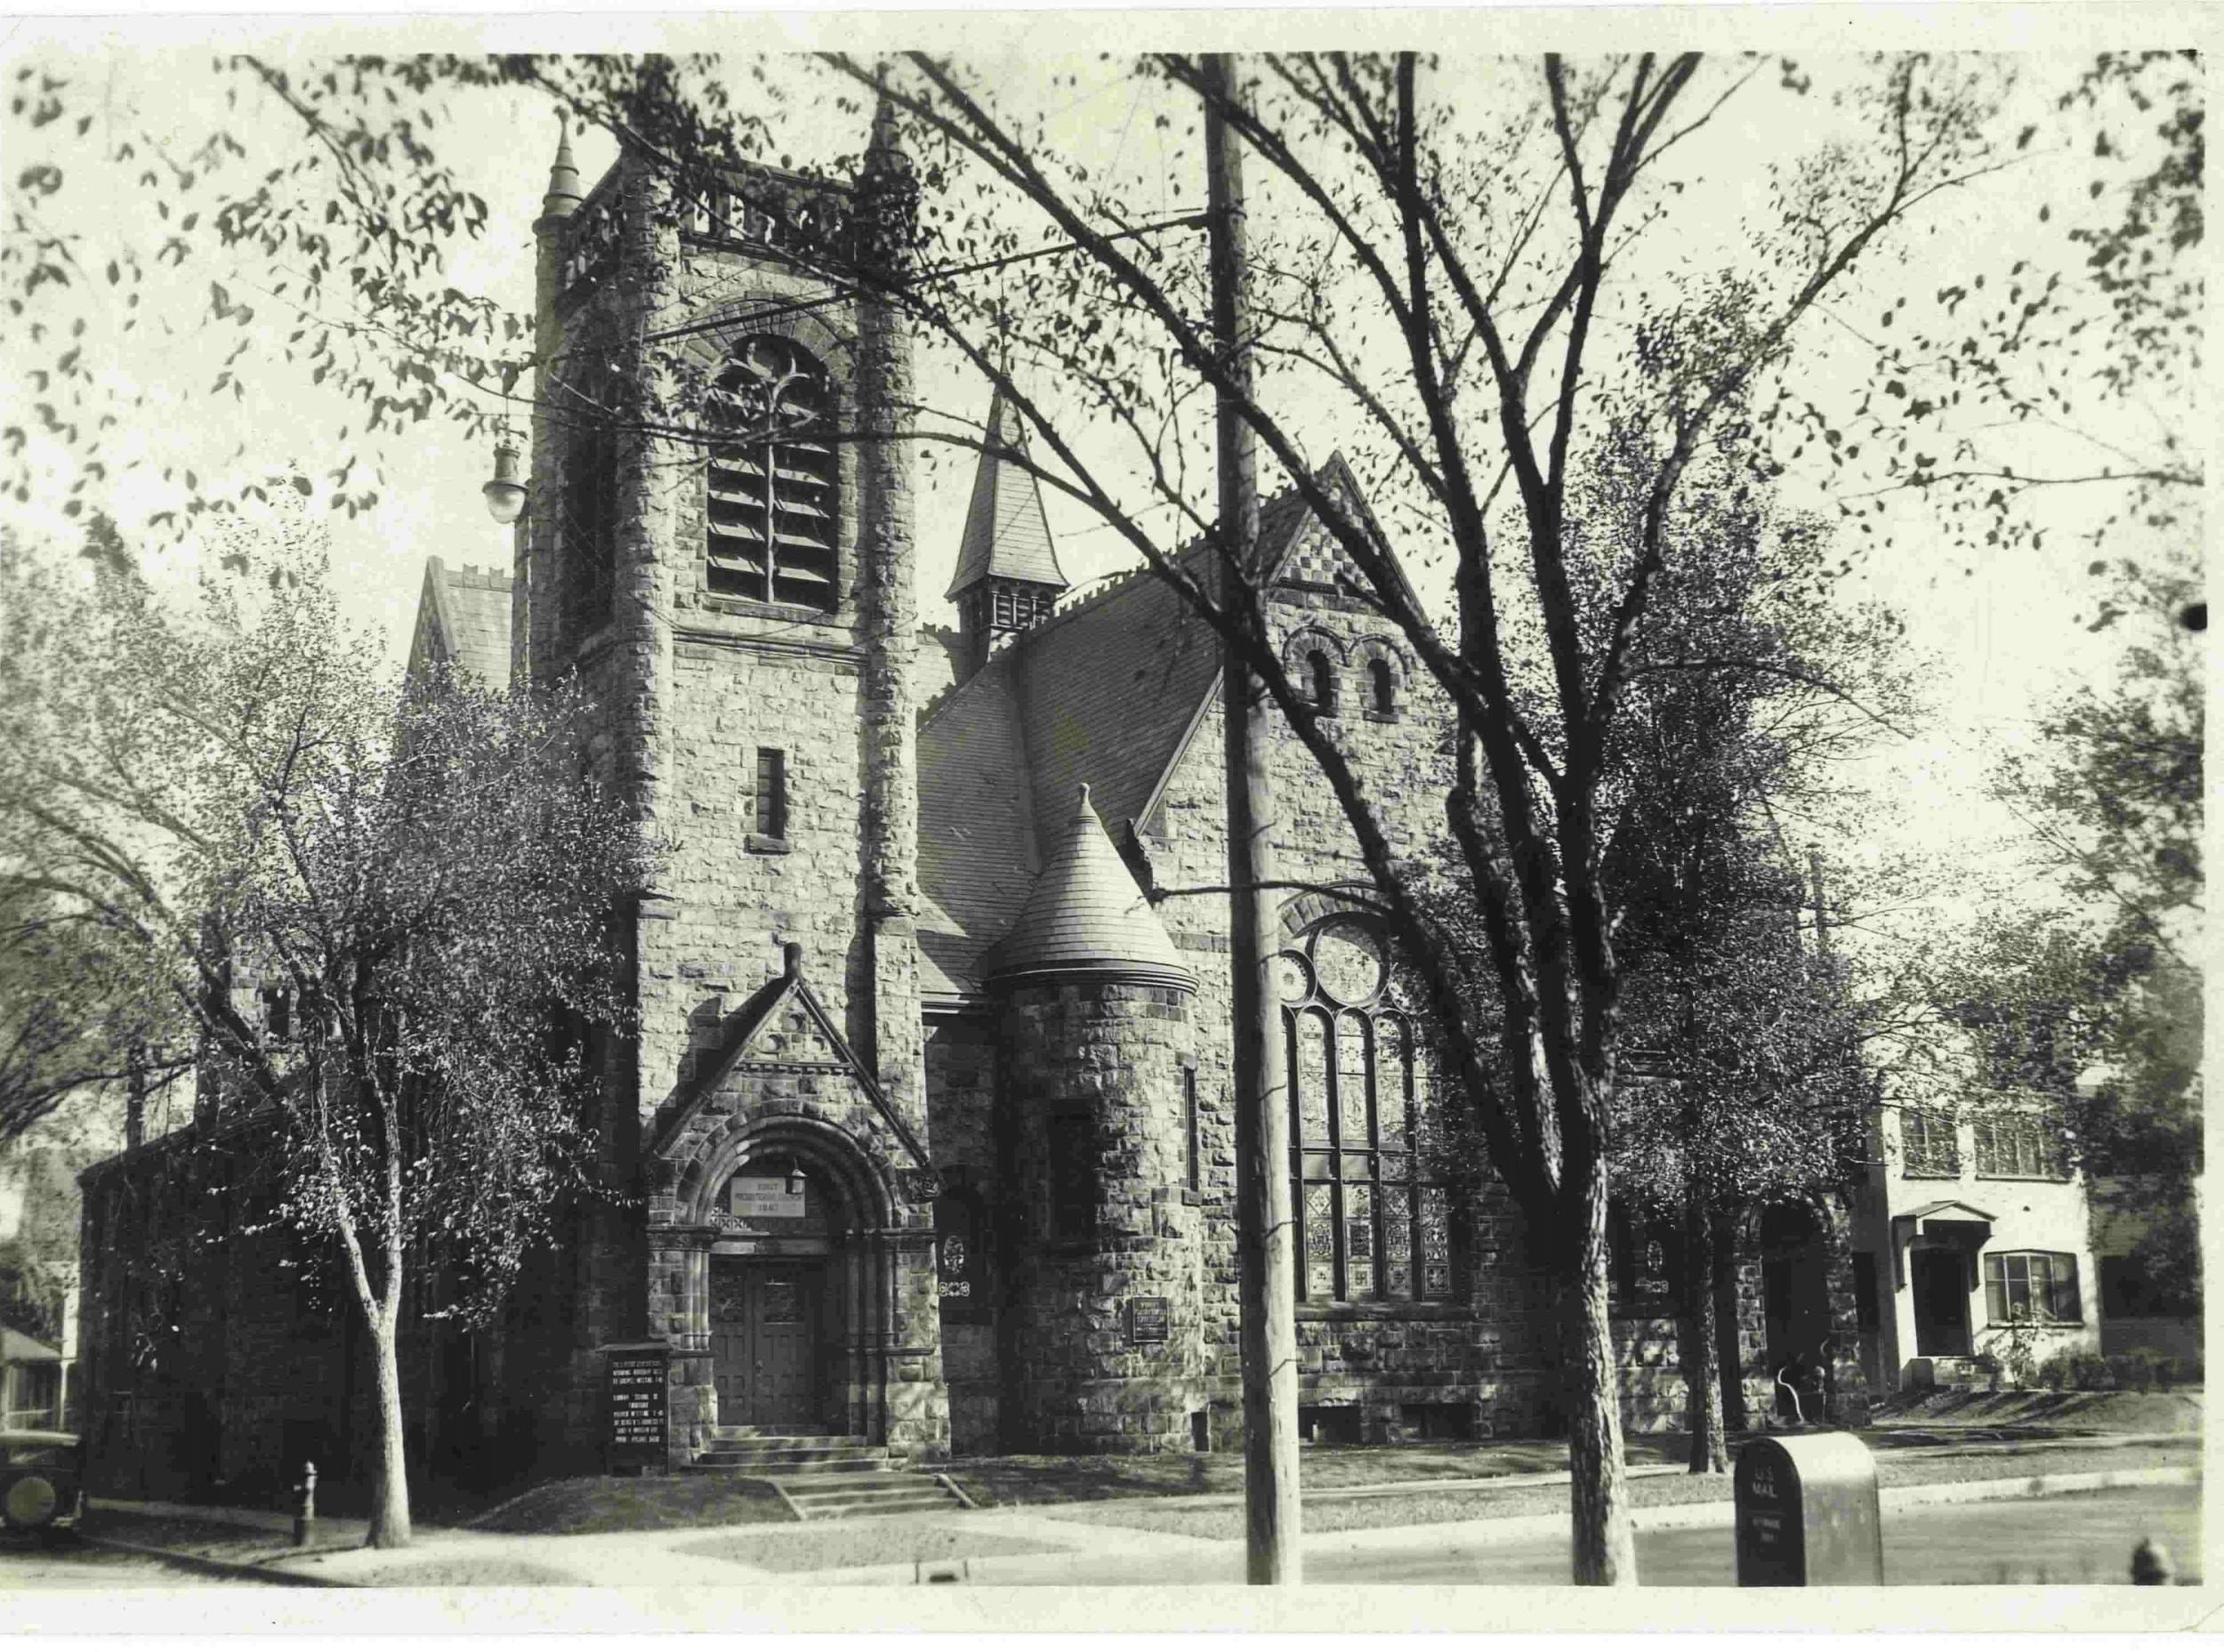 St. Paul's lost its steeple in ?